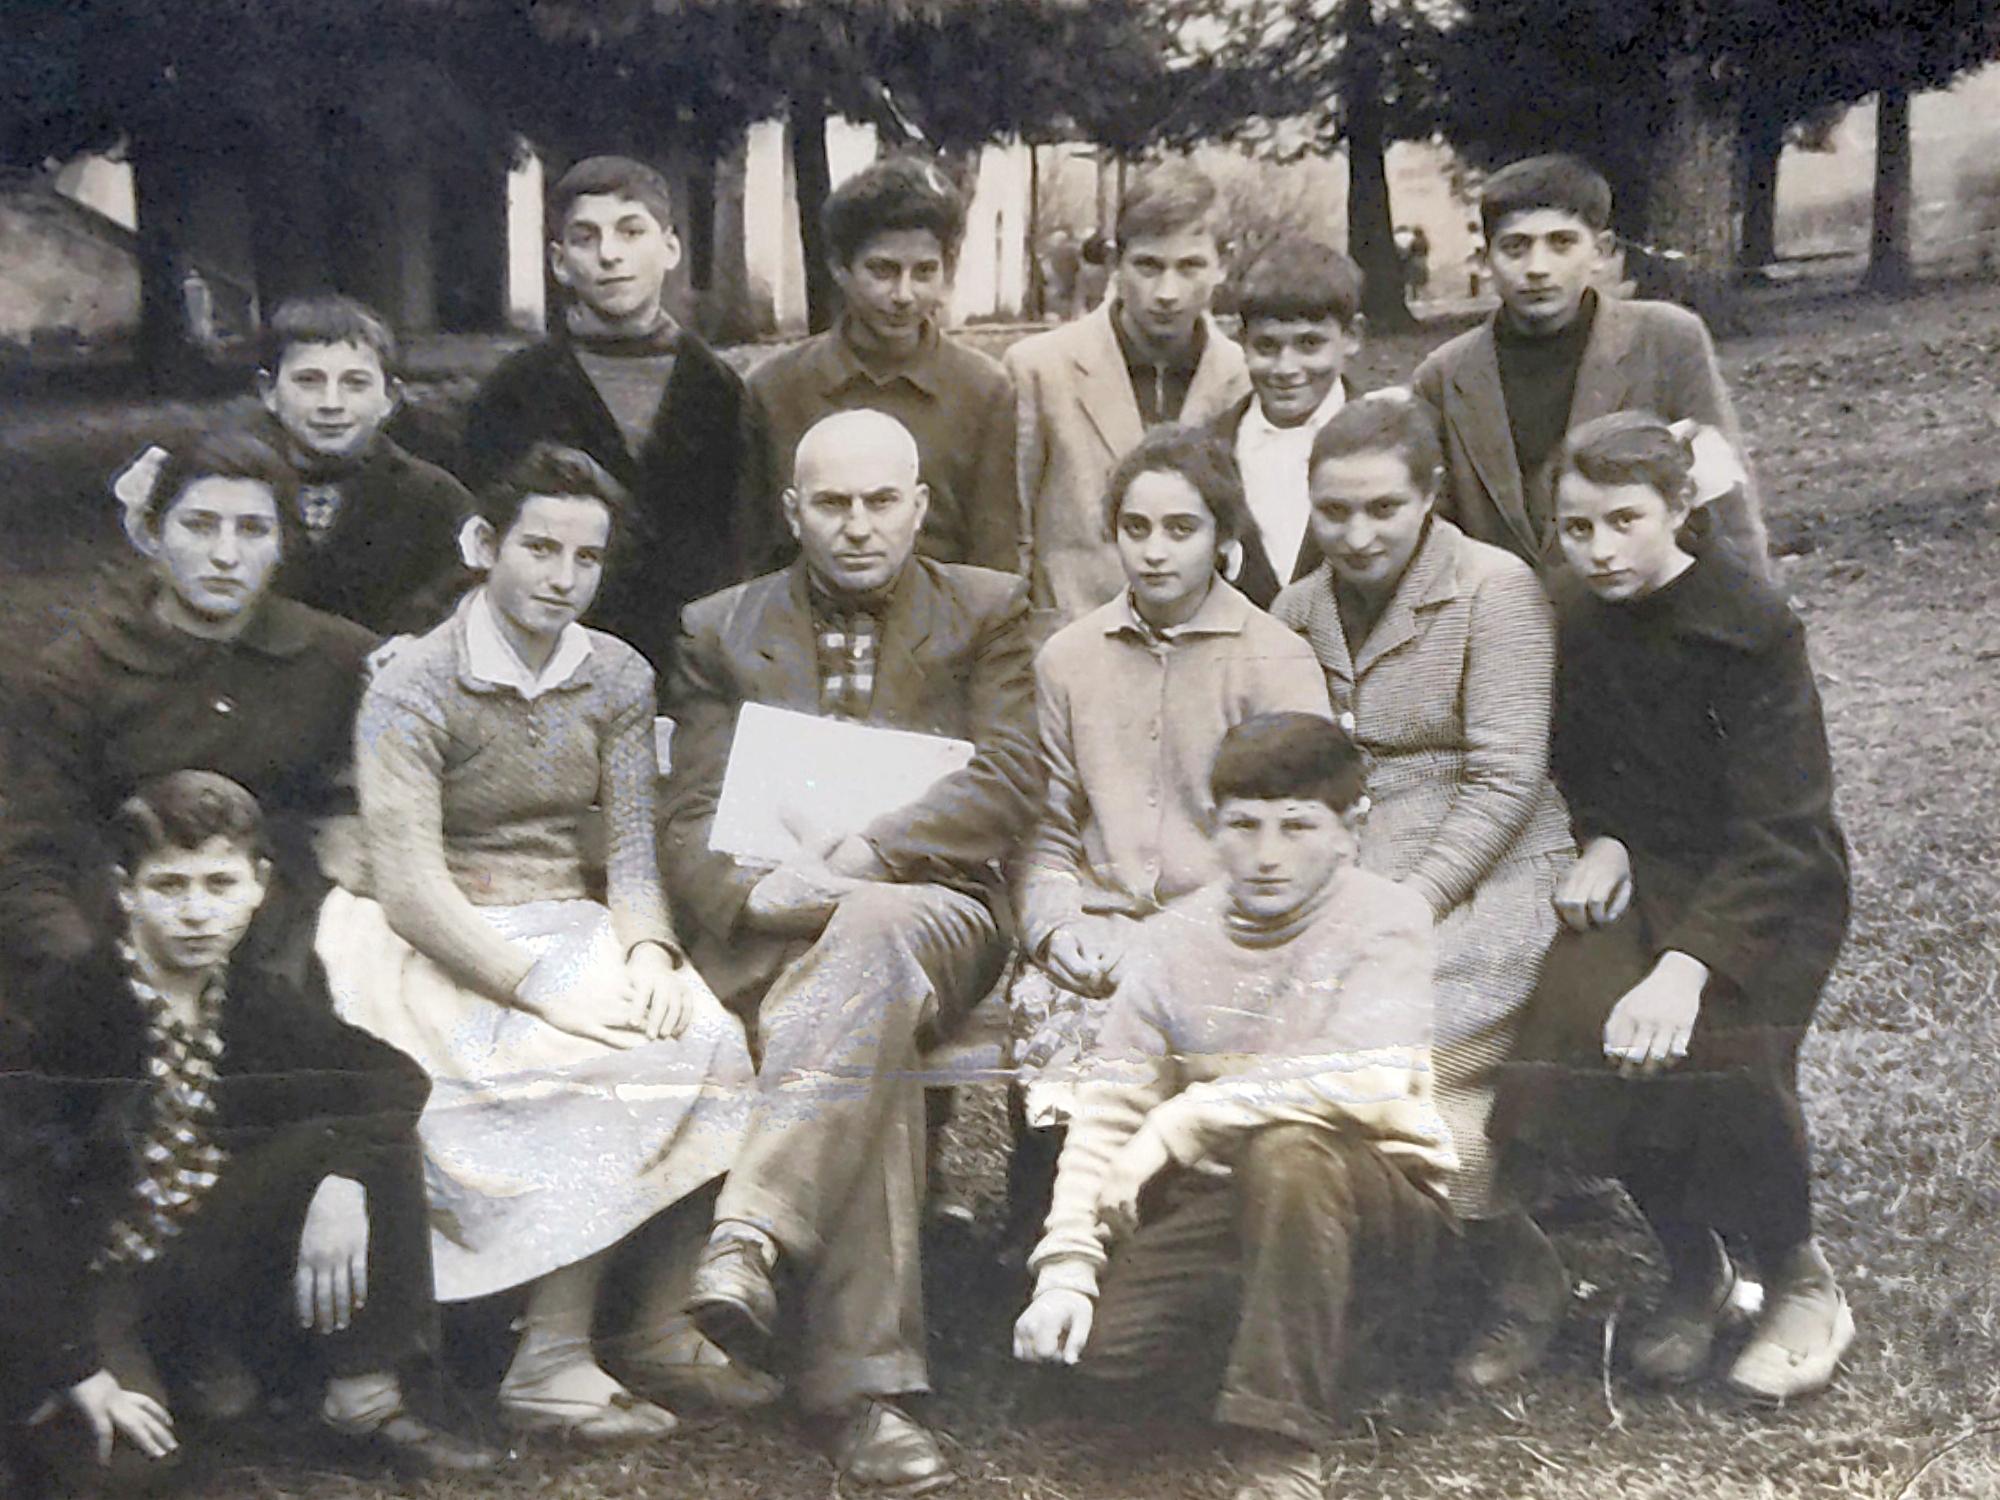 1 13 — Chkhorotsku,Ge